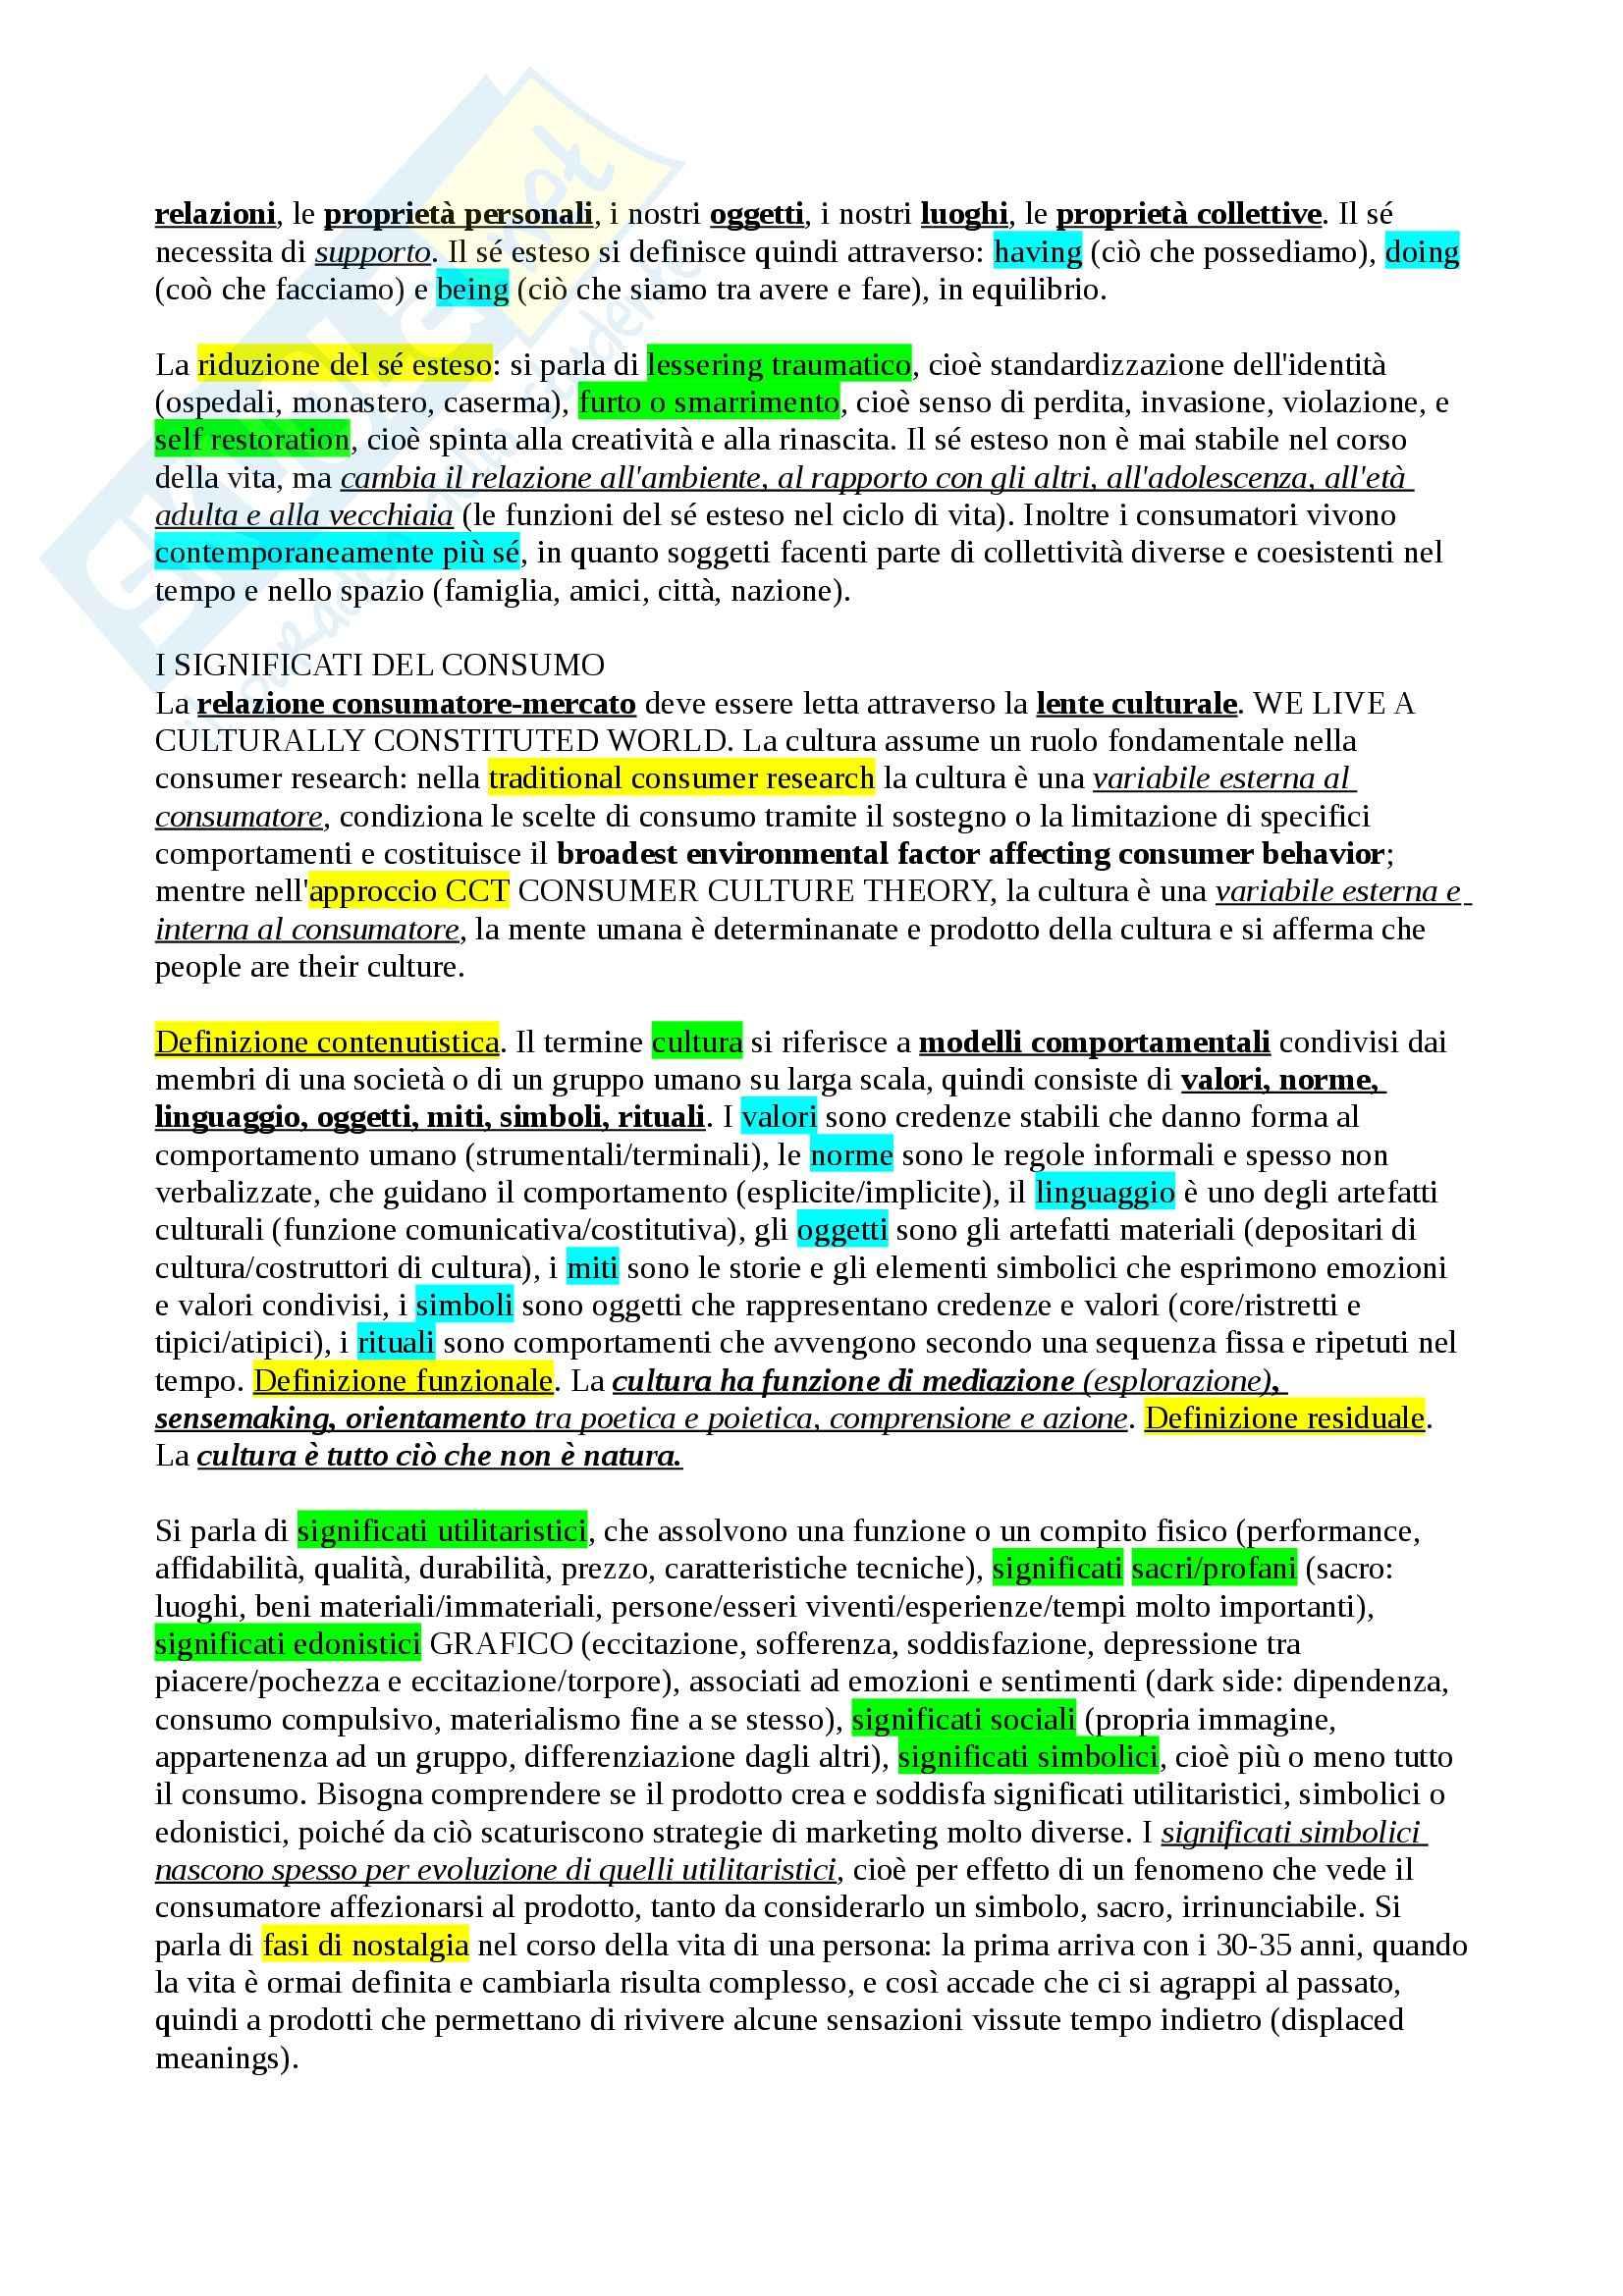 Riassunto esame Understanding Consumer 2, prof. Borghini Pag. 2